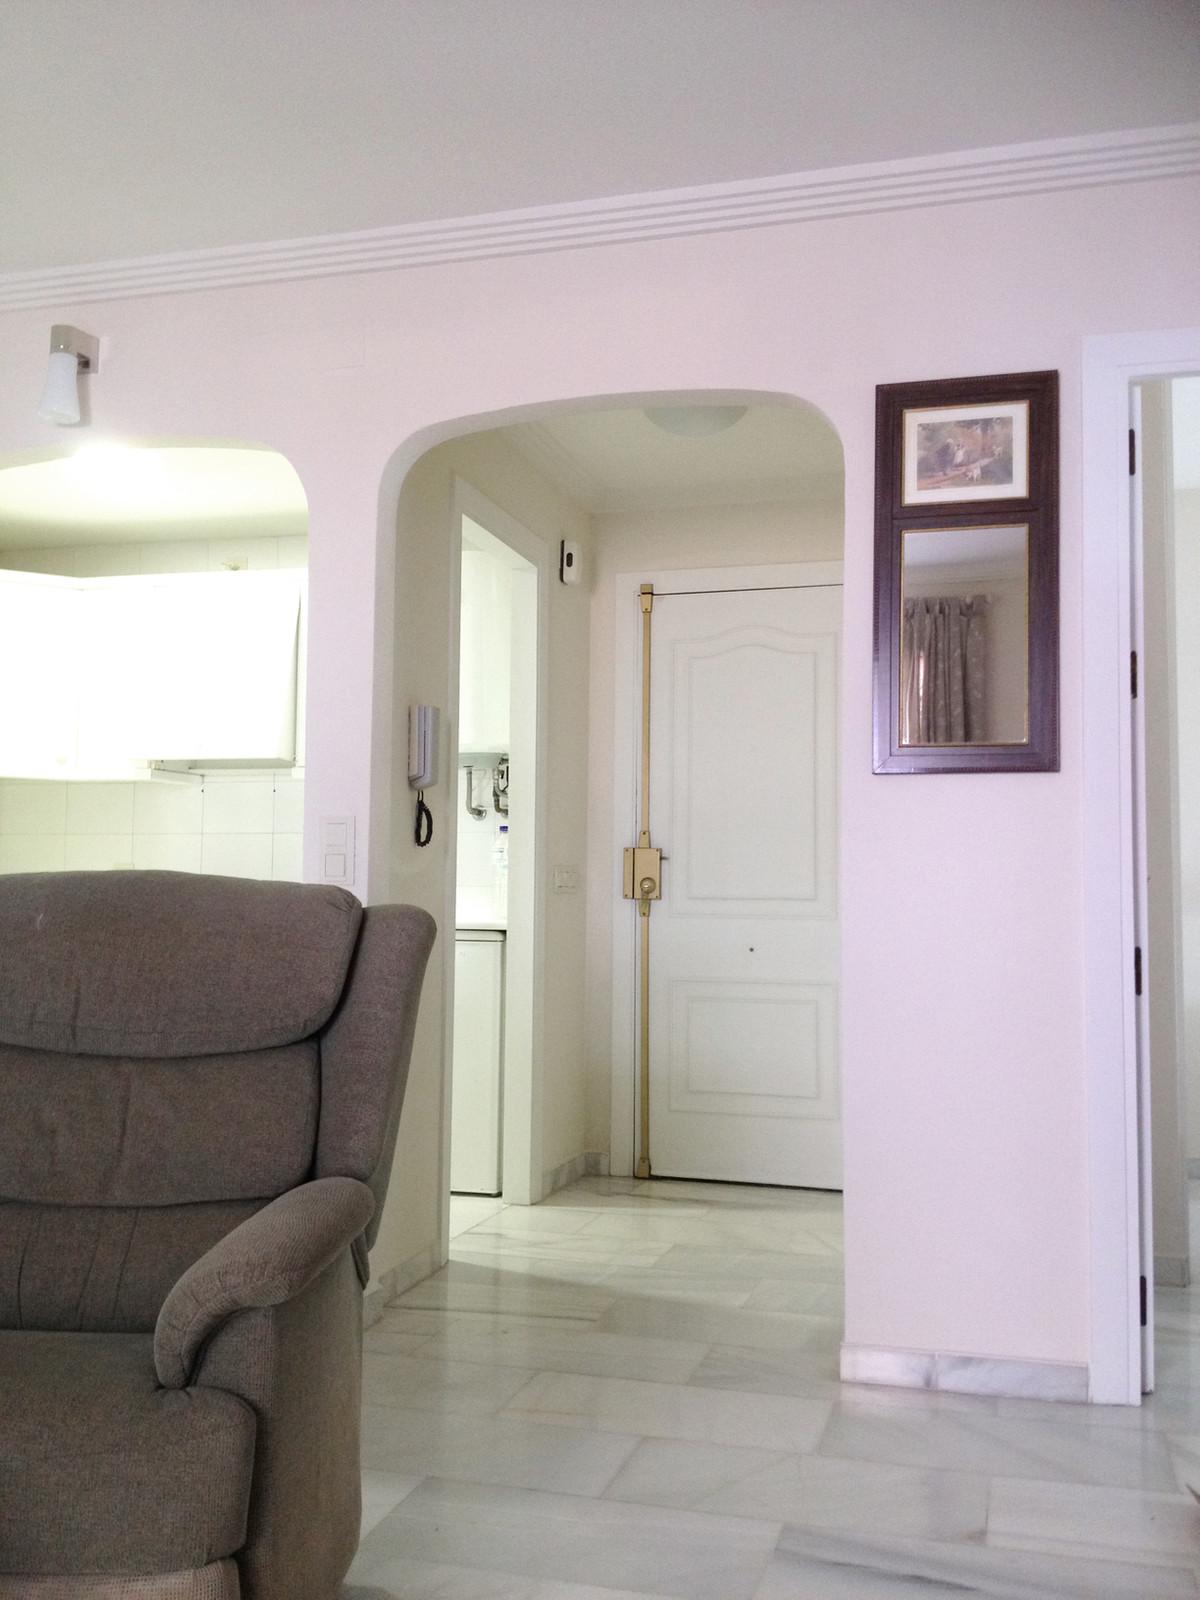 R3198523: Apartment for sale in Arroyo de la Miel